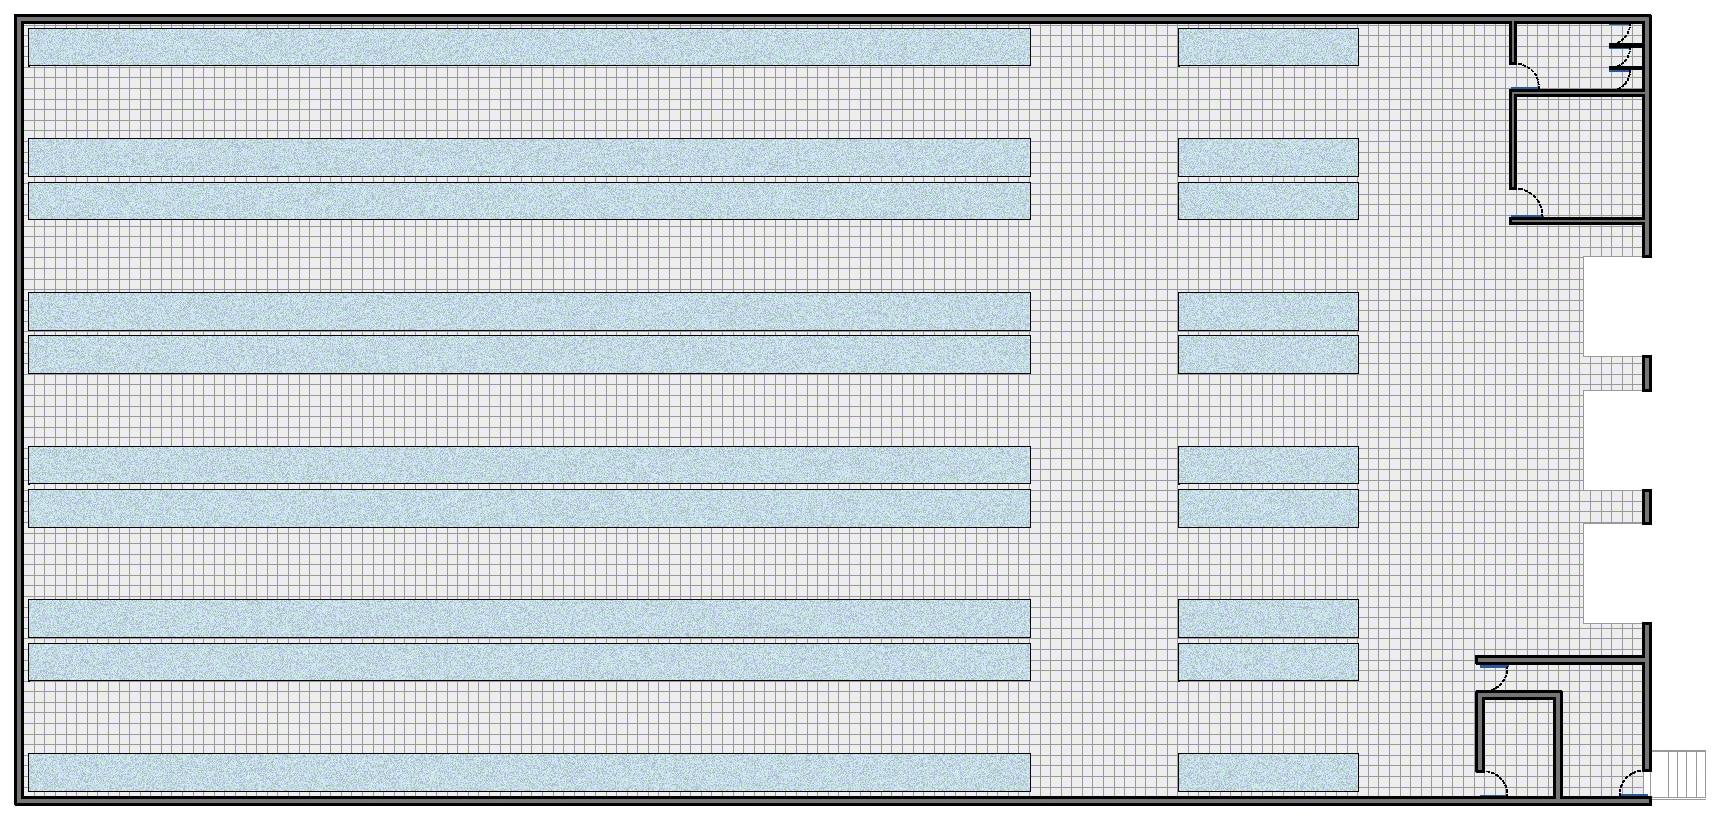 Magazijn met extra zones, zoals: de ontvangst-, verpakkings-, consolidatie- en verzendzone